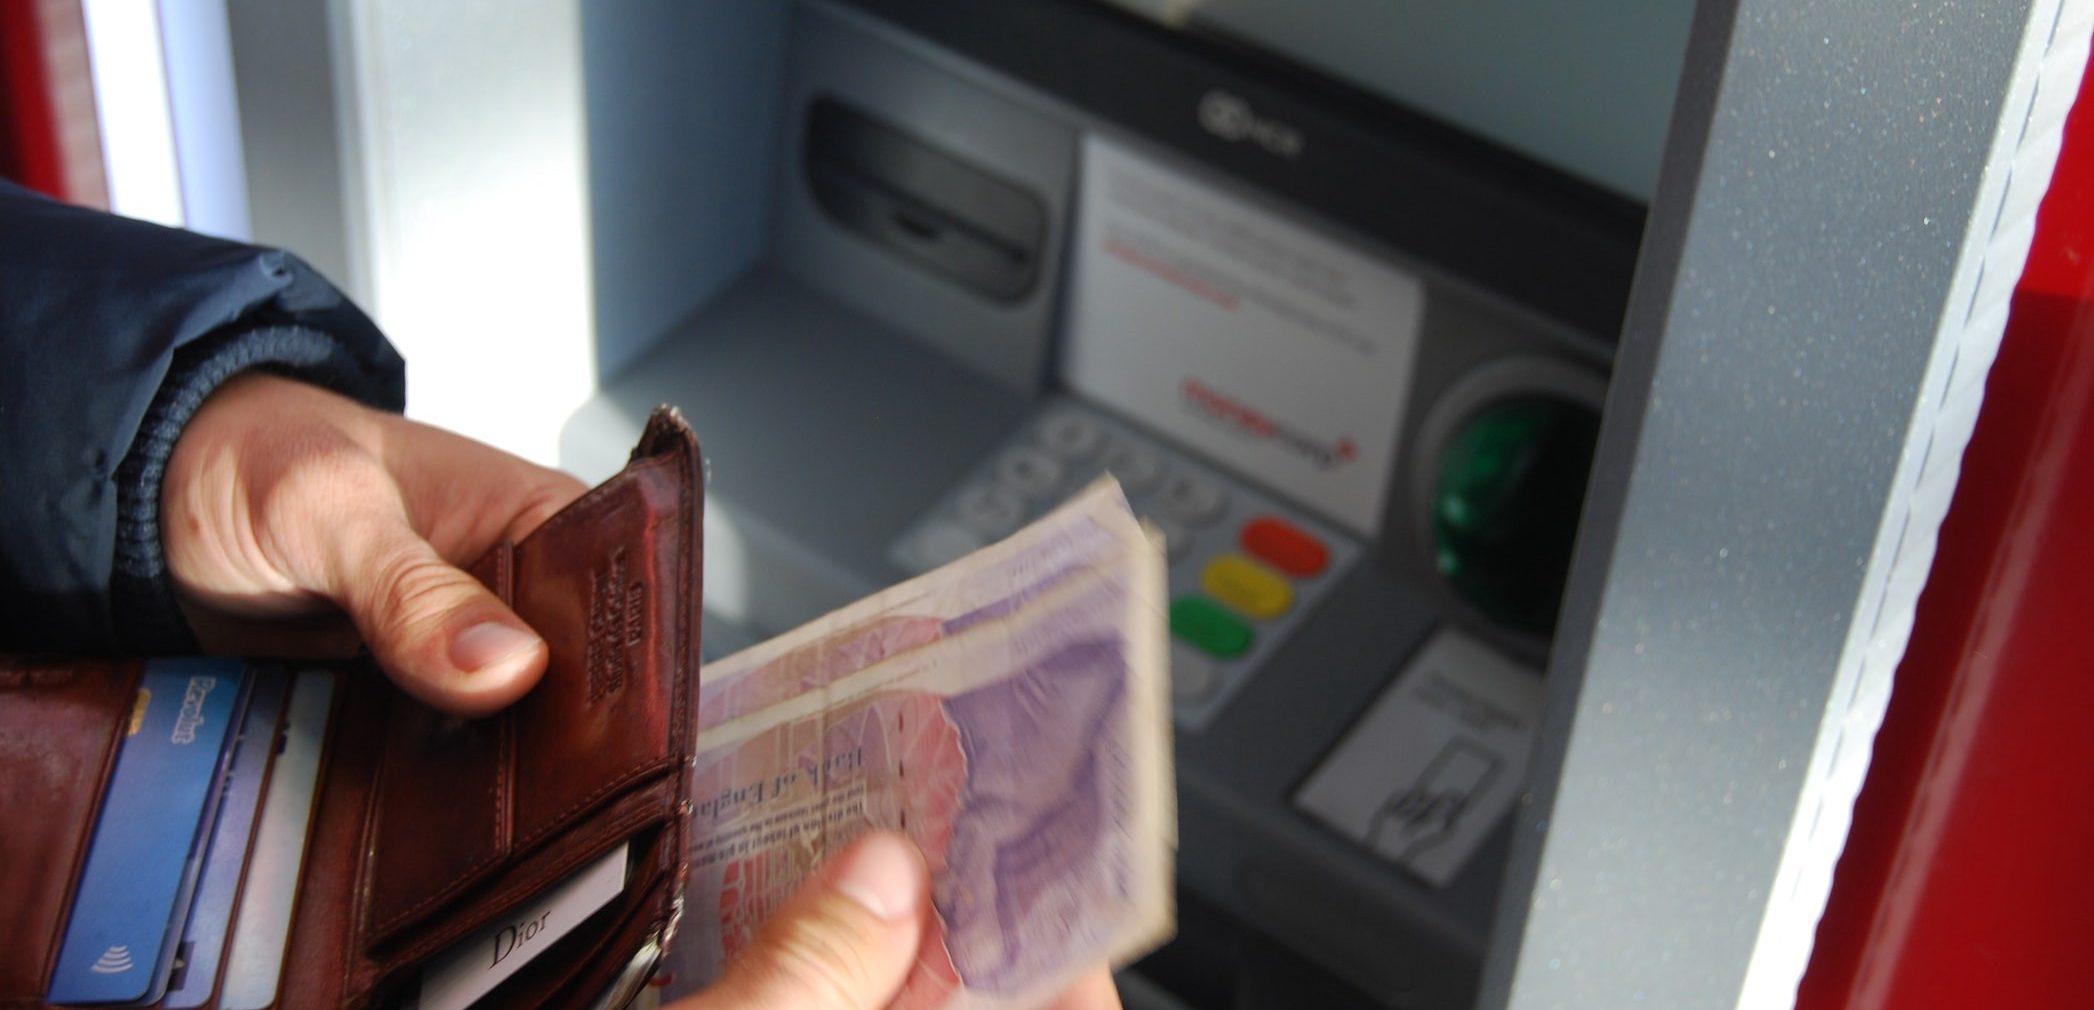 Bekerja Di BUMN, Apa Boleh Menerima Uang Bonus Dari Vendor bimbingan islam